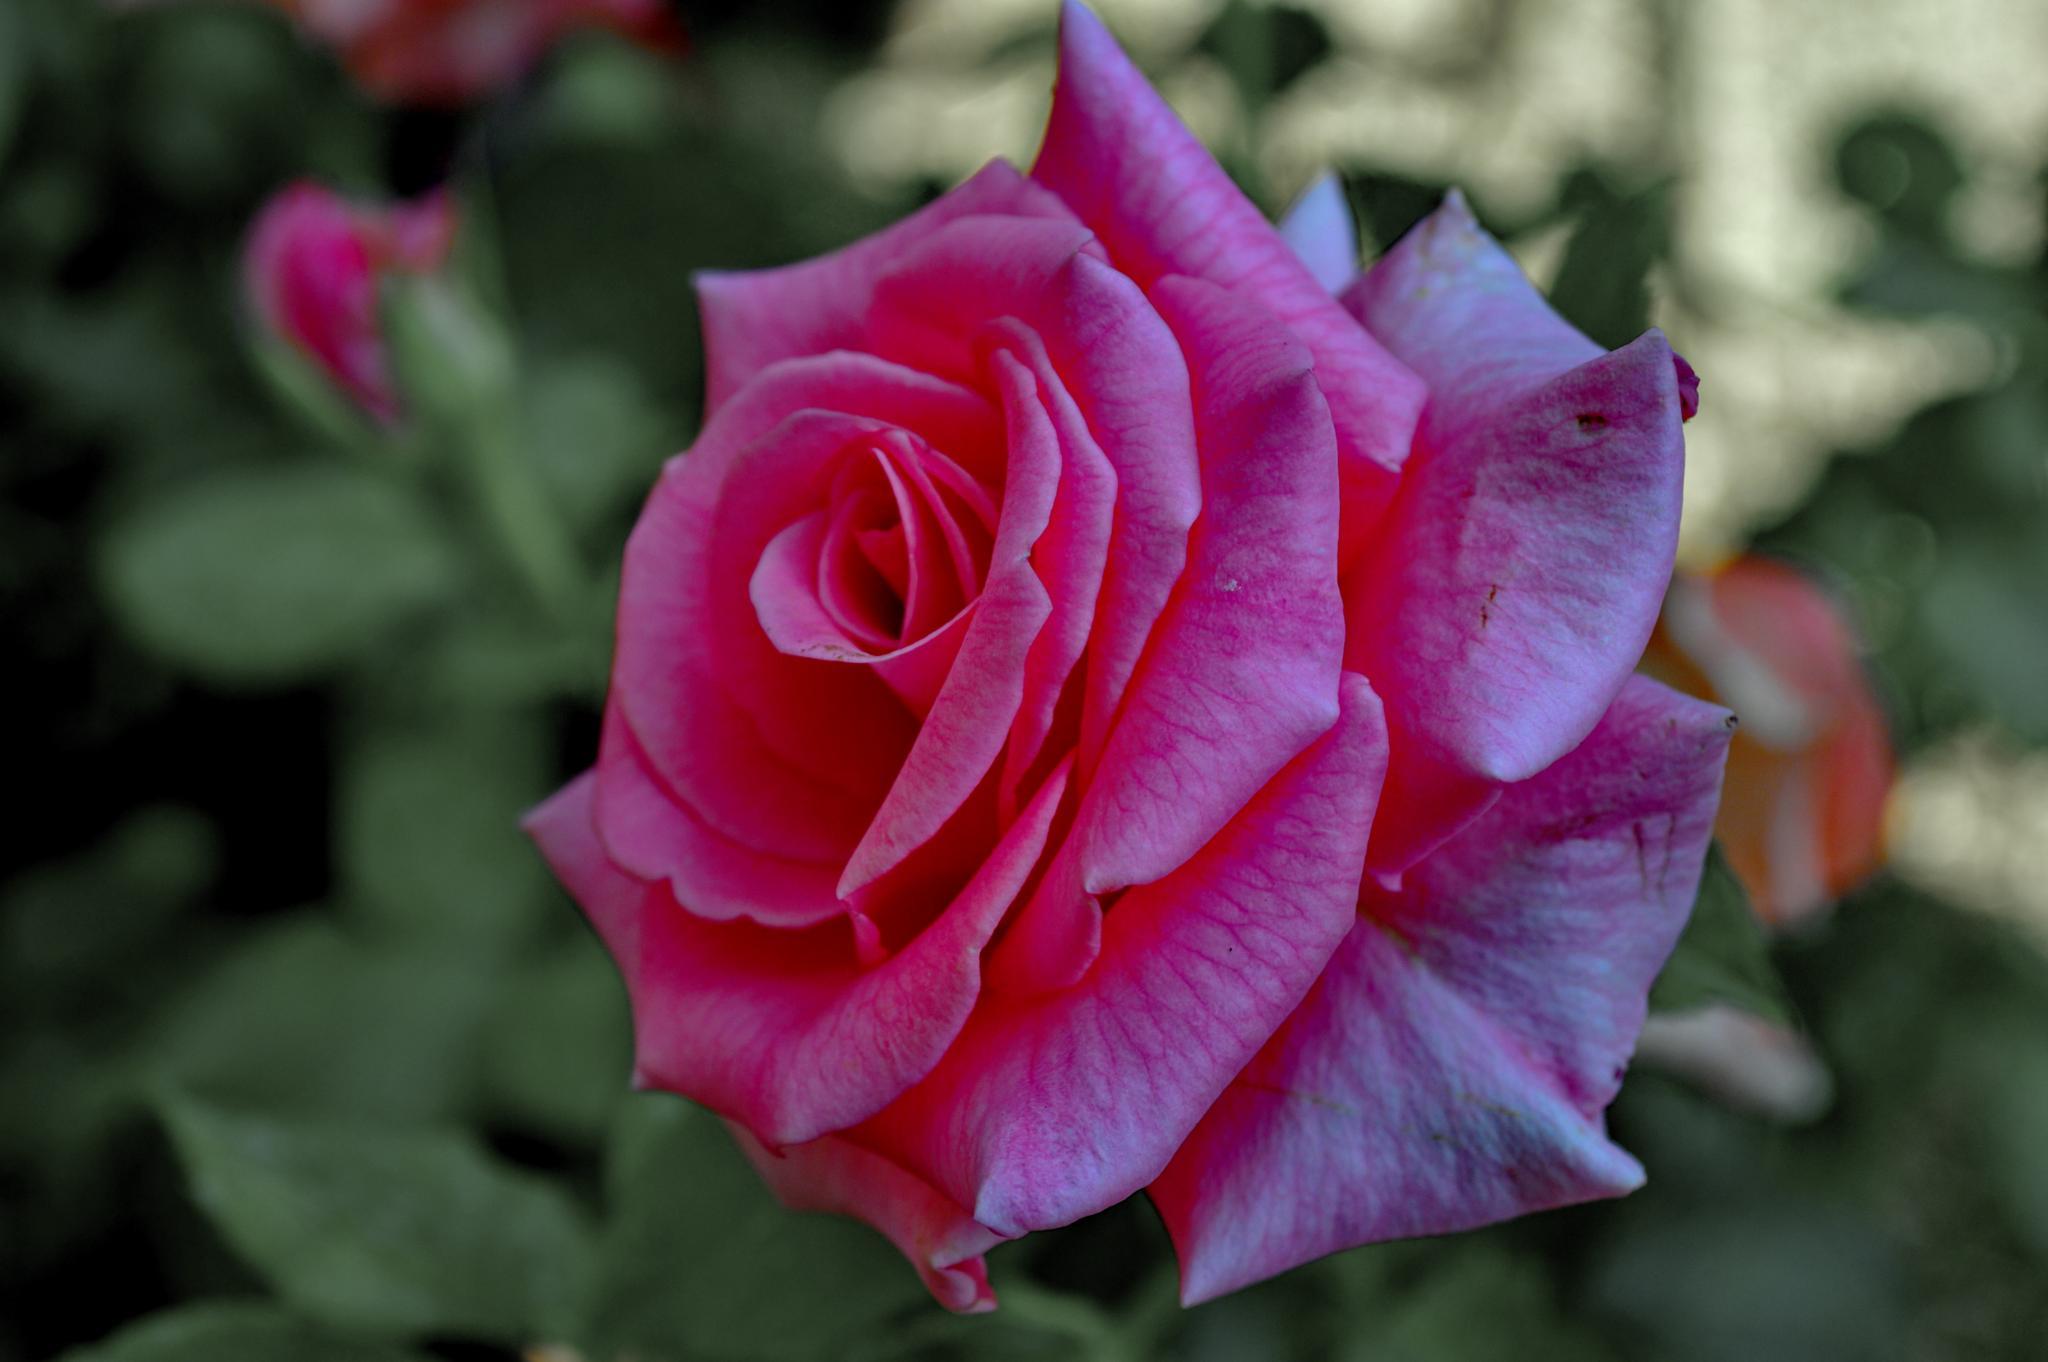 Rose in My Garden by wilson.dsouza.7161953